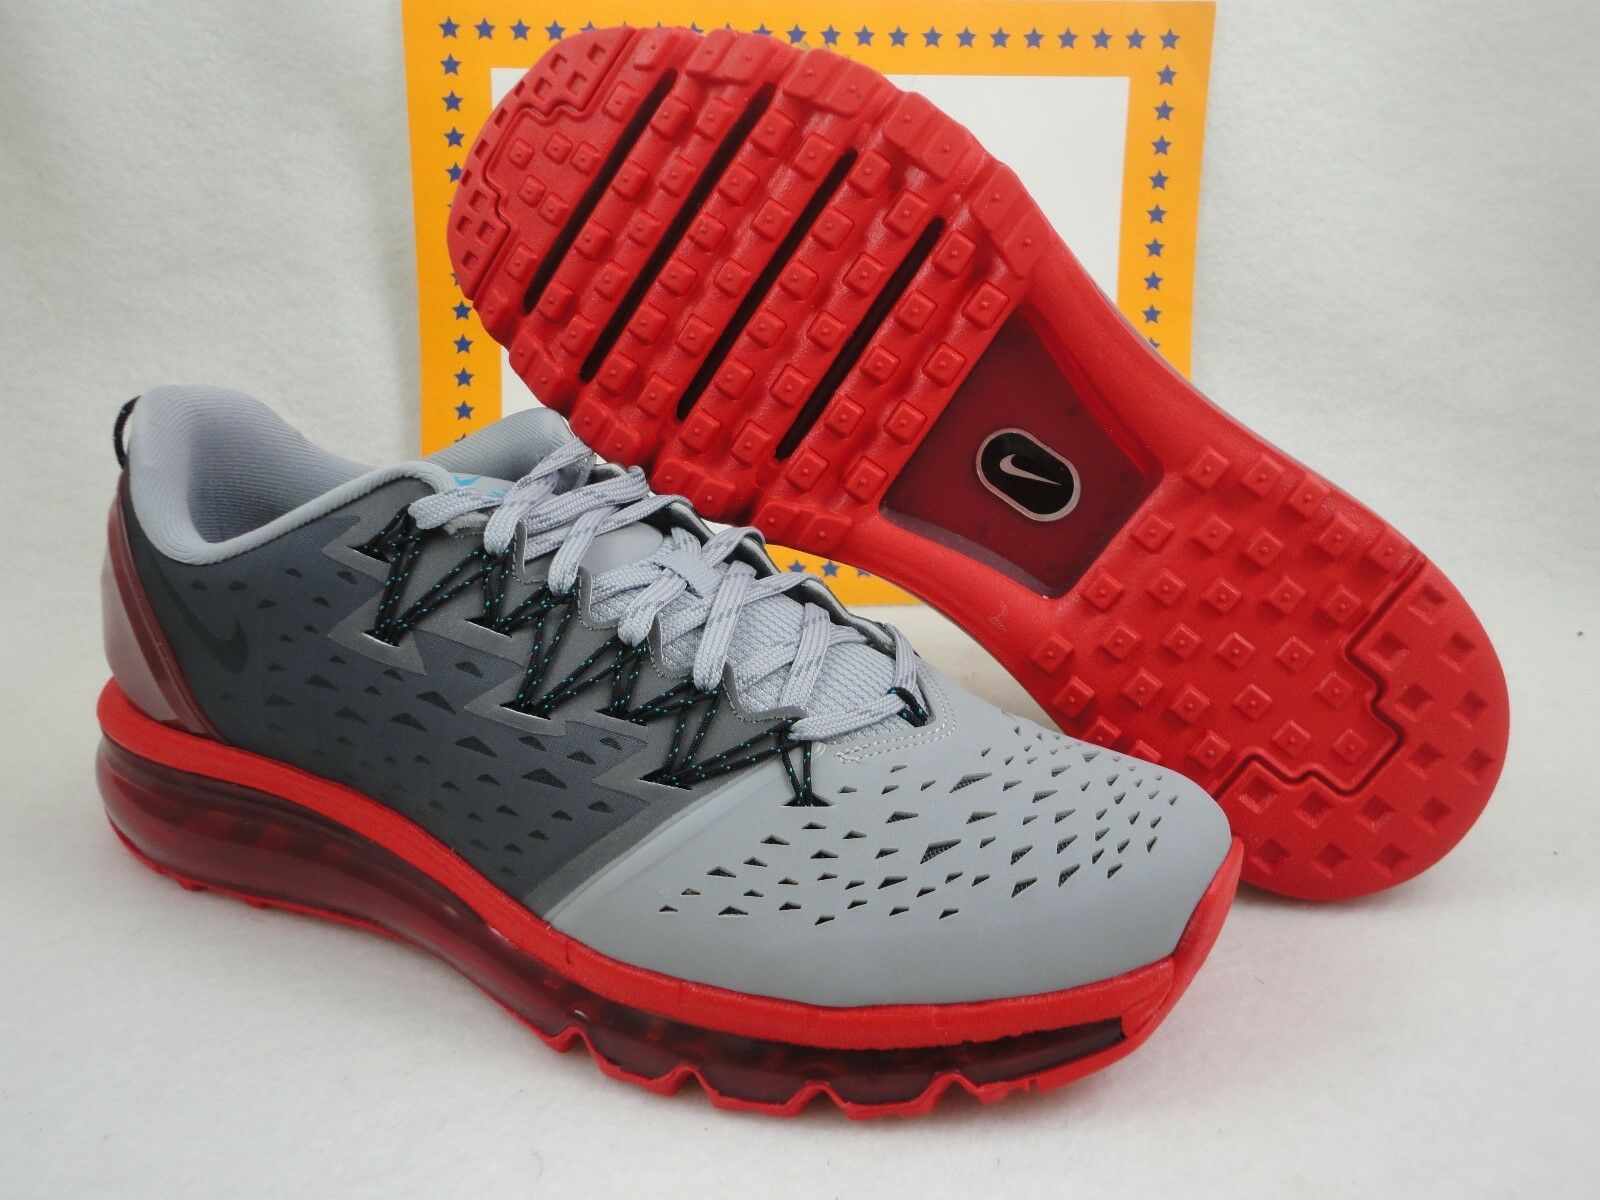 Nike air max pacfly, lupo grigio / università di di di rosso, misura 8,5 7319aa